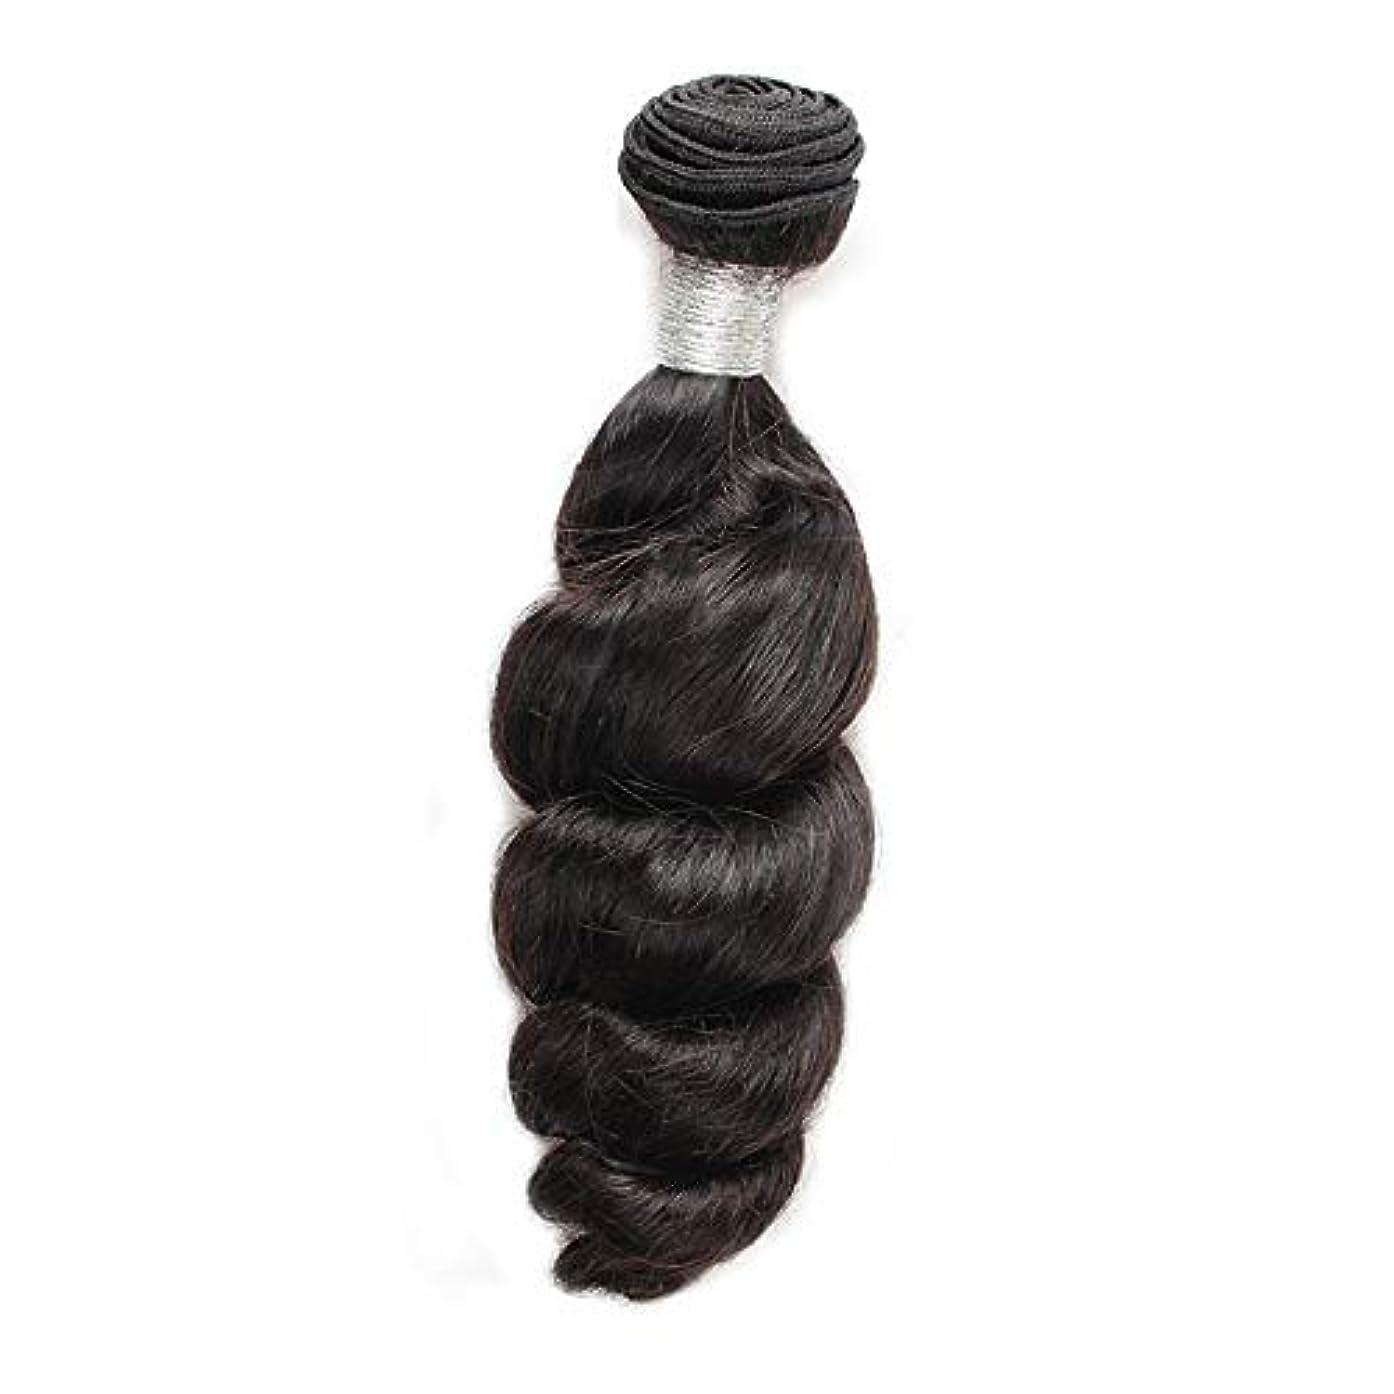 コミットグローブ権限を与えるBOBIDYEE 女性の人間の髪の毛ブラジルのバージンルースウェーブの束横糸ナチュラルブラック100g /個1枚入り(12インチ-26インチ)合成髪レースかつらロールプレイングかつらストレートシリンダーショートスタイル女性自然...